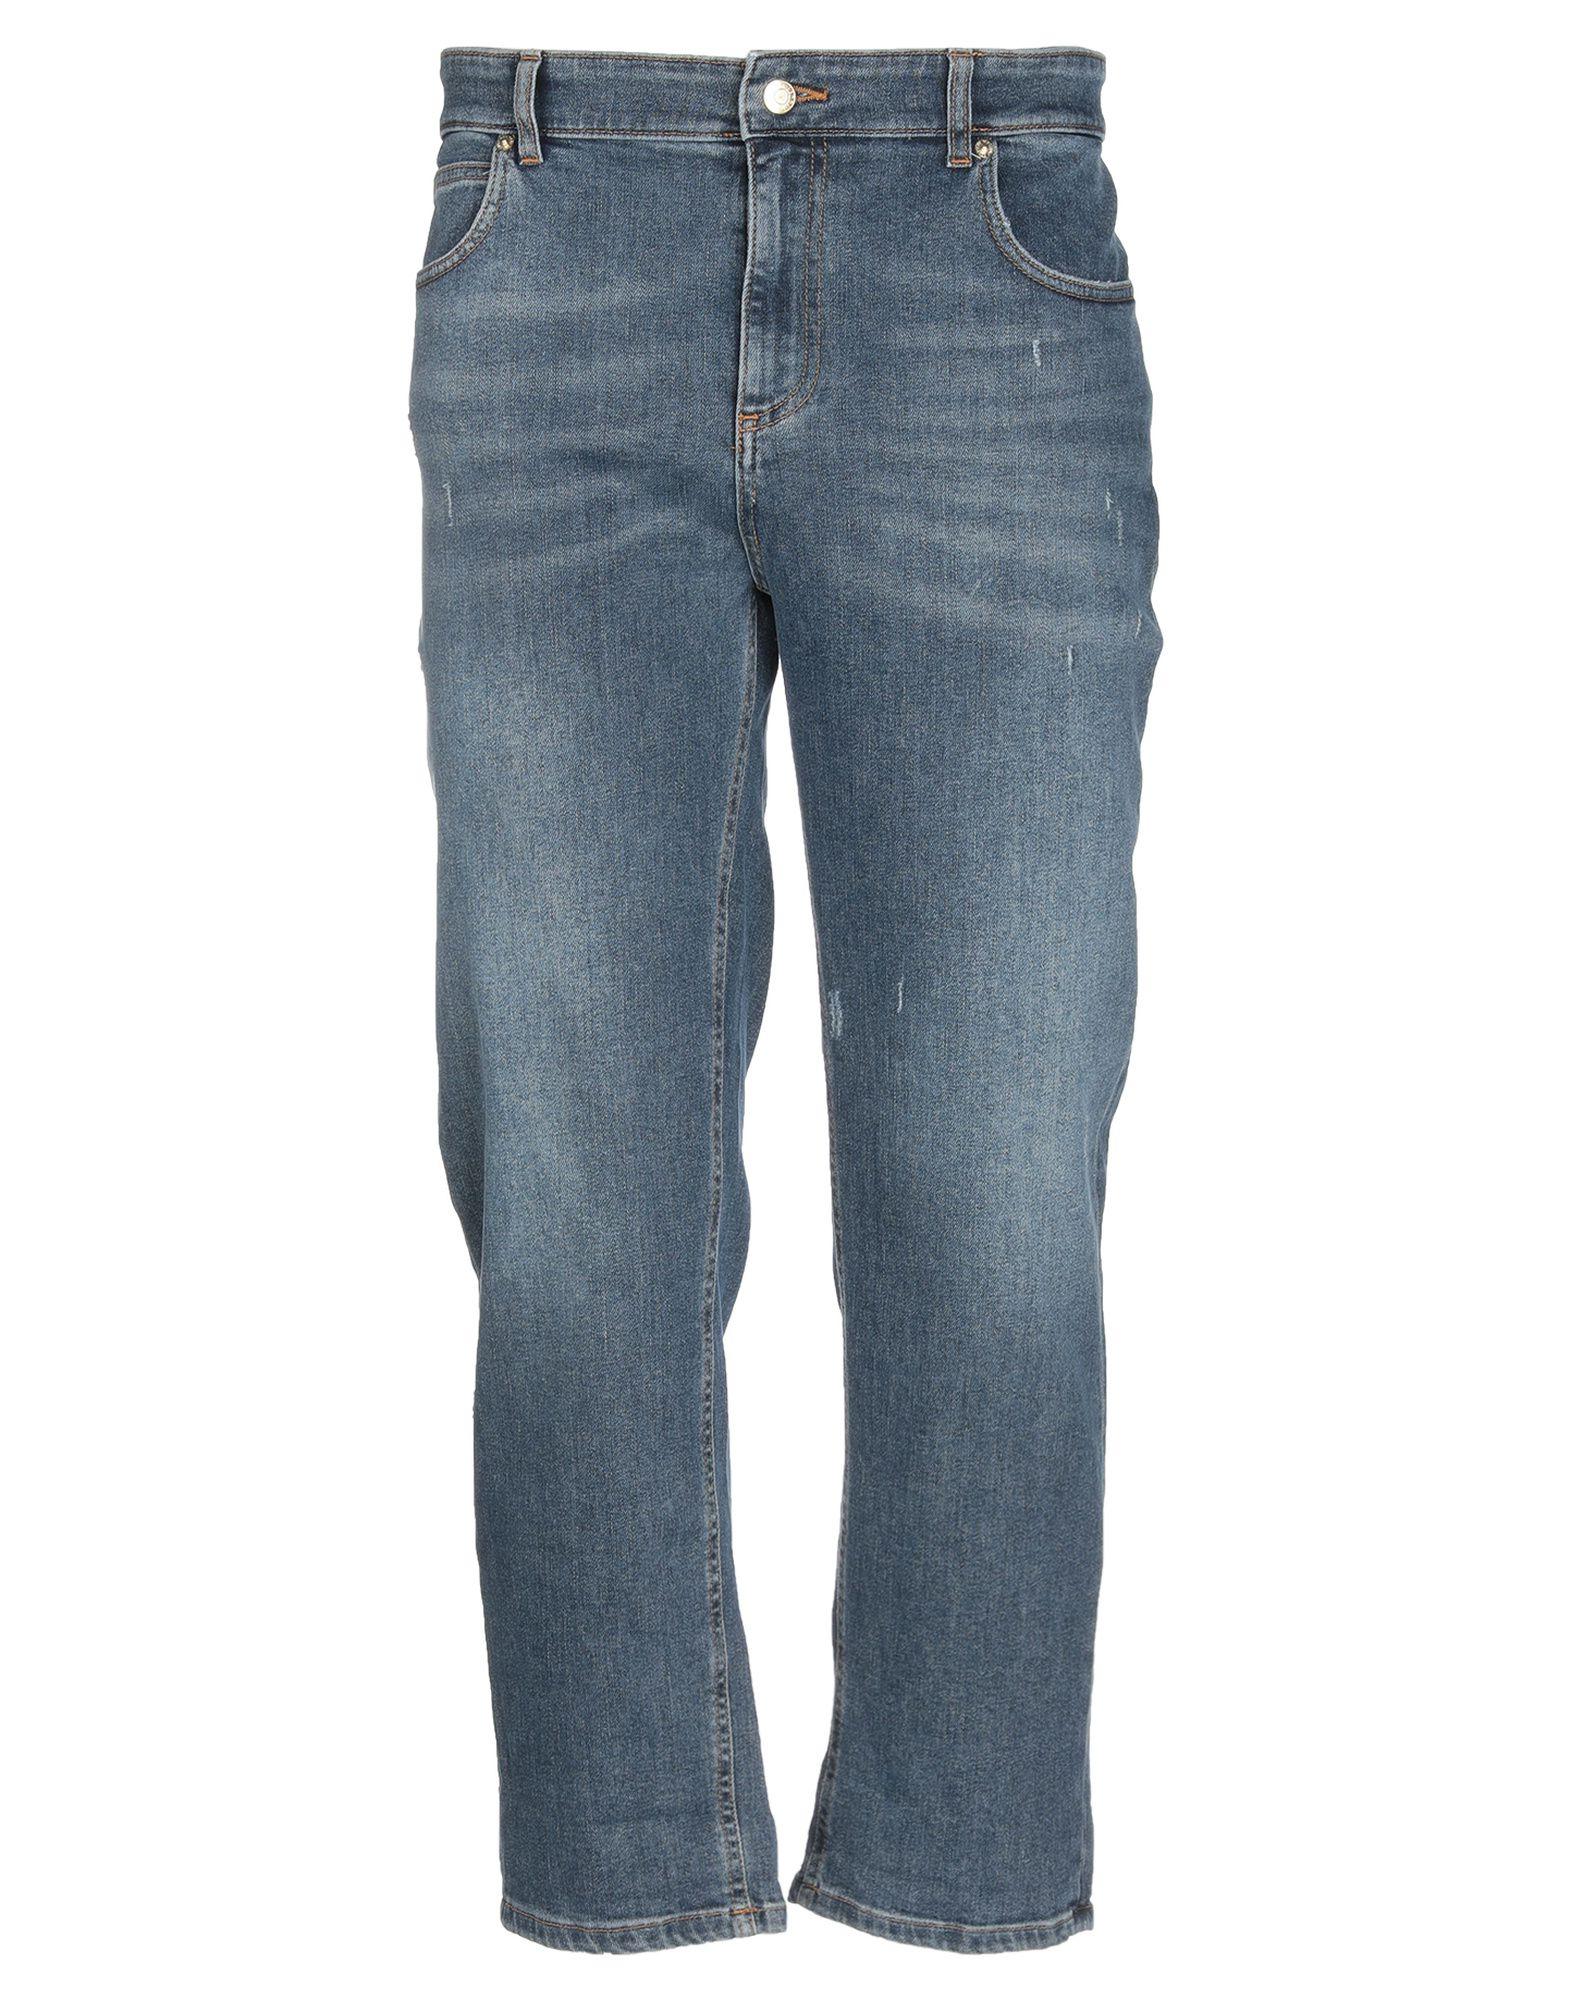 Pantaloni Jeans Massimo Rebec   uomo - 42726747FR  Heute online einkaufen